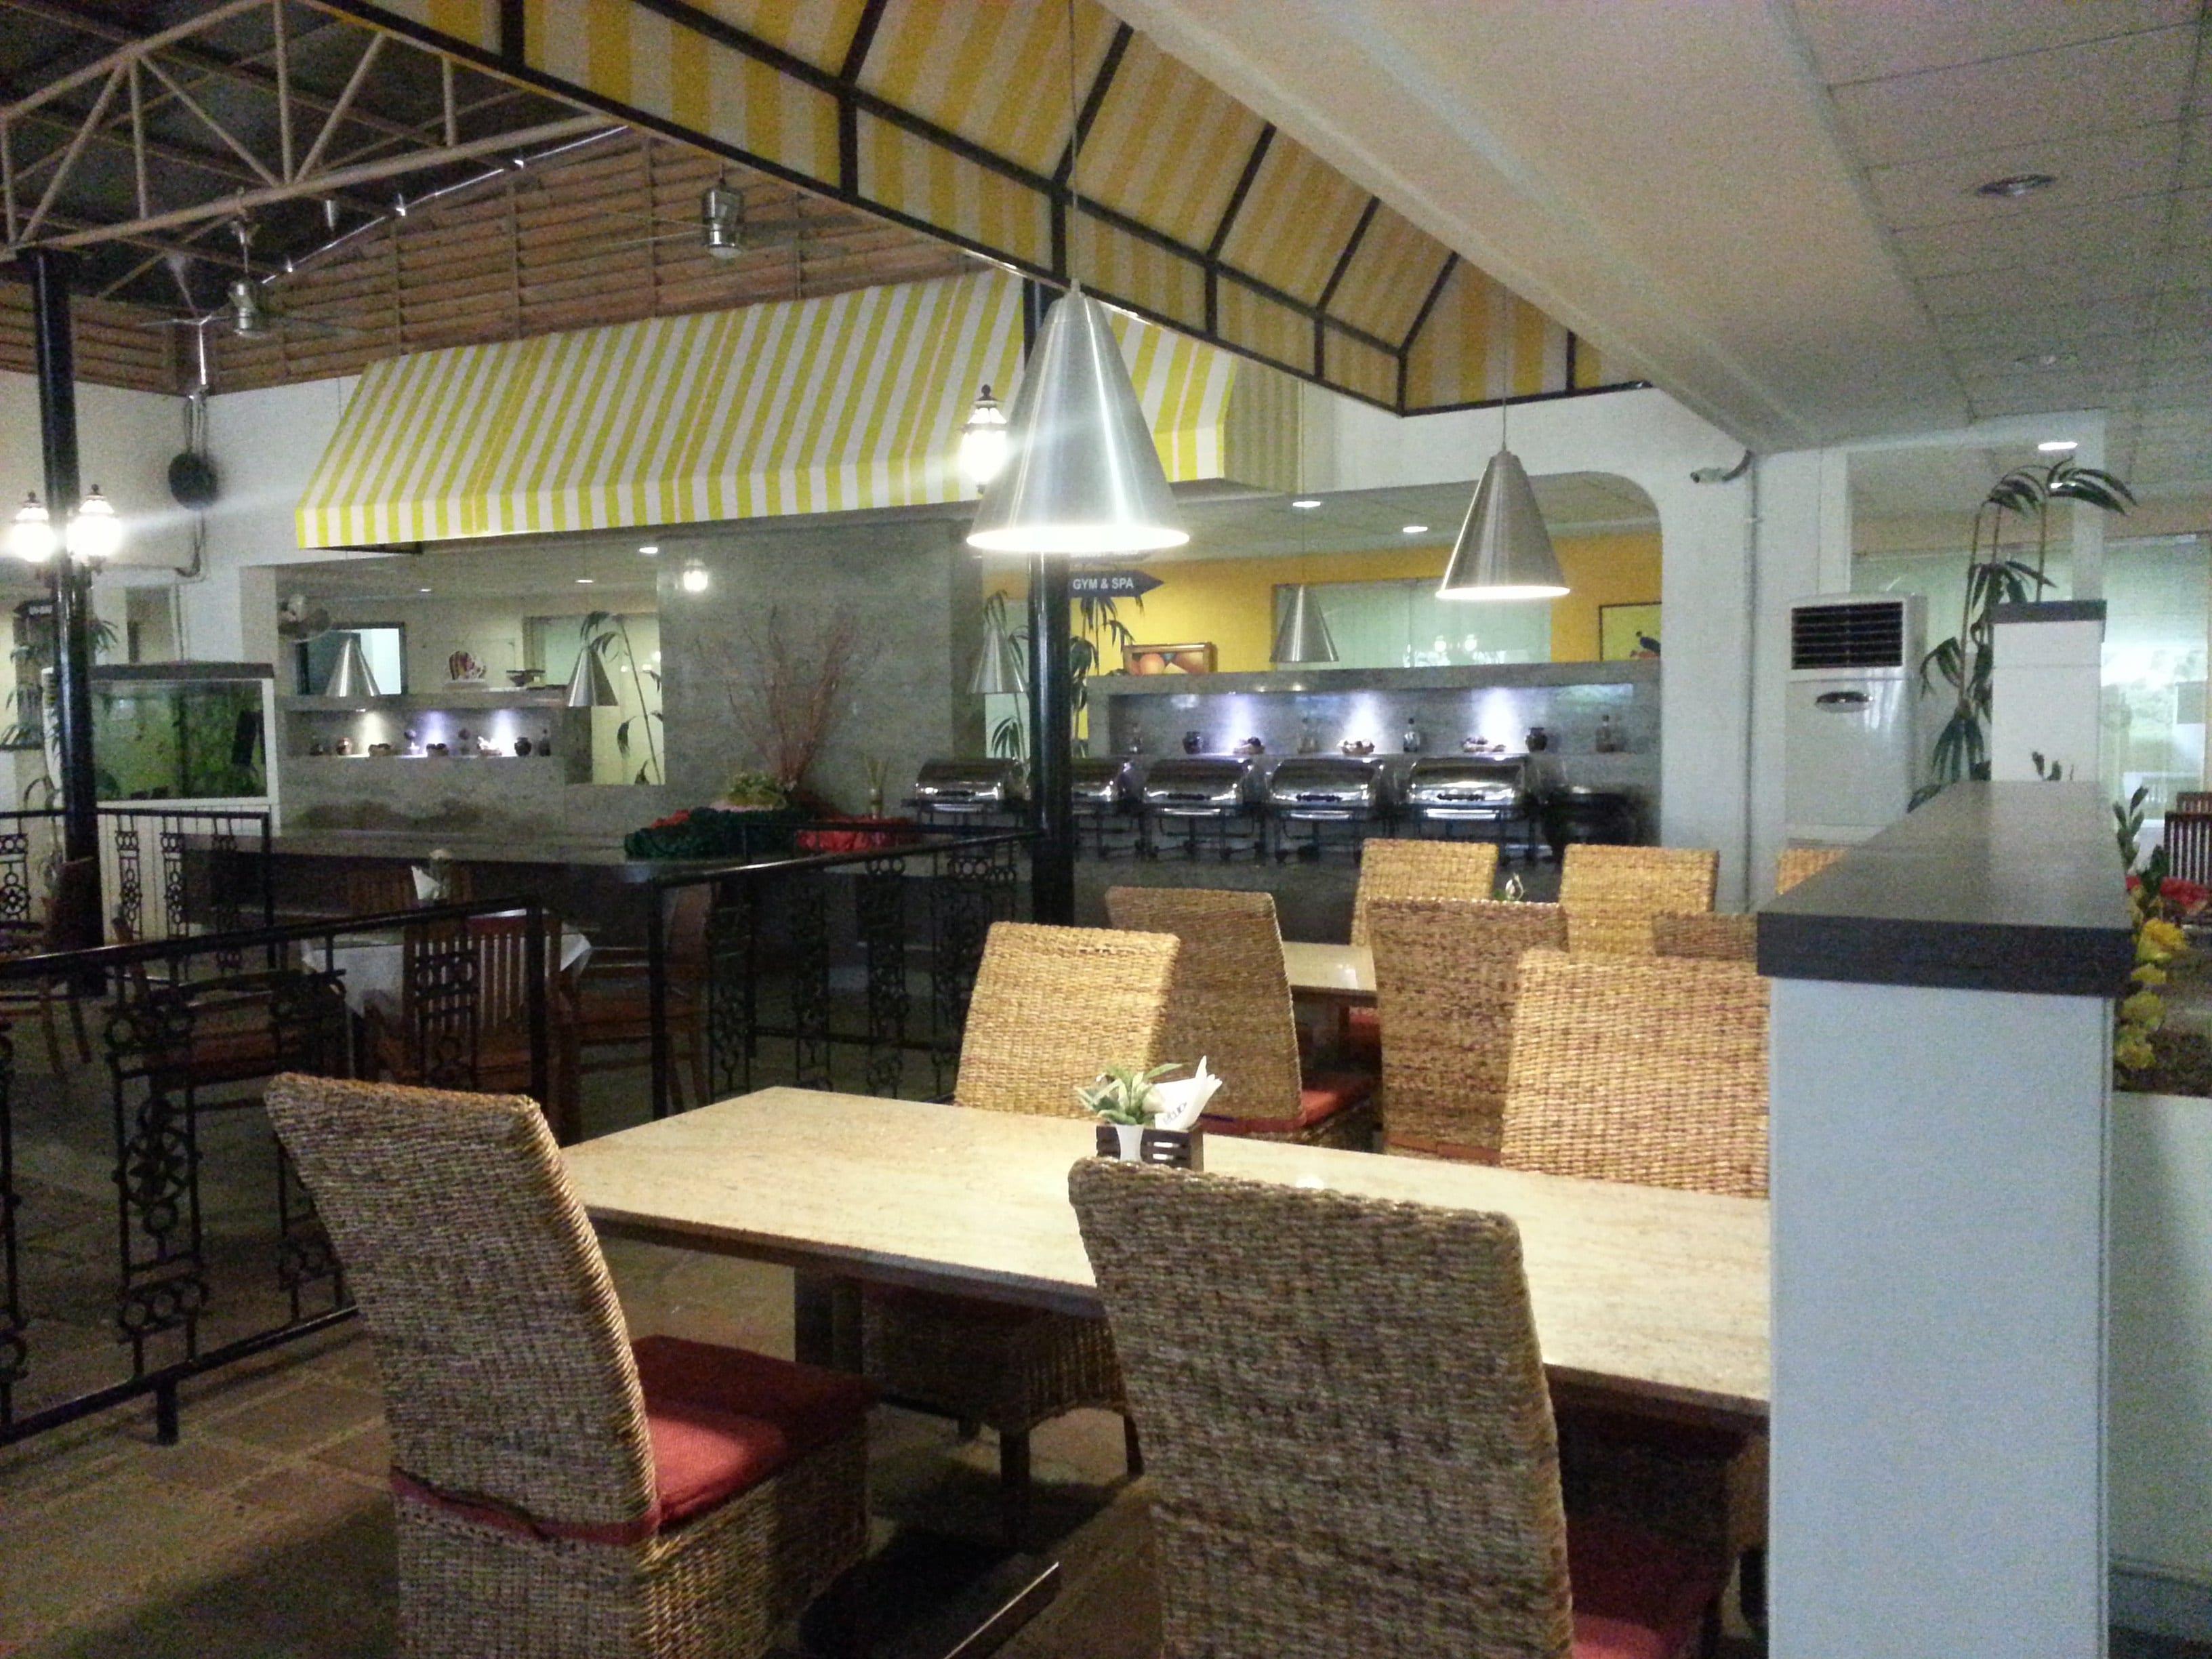 OJ Japanese Restaurant - KR Puram - Bangalore Image